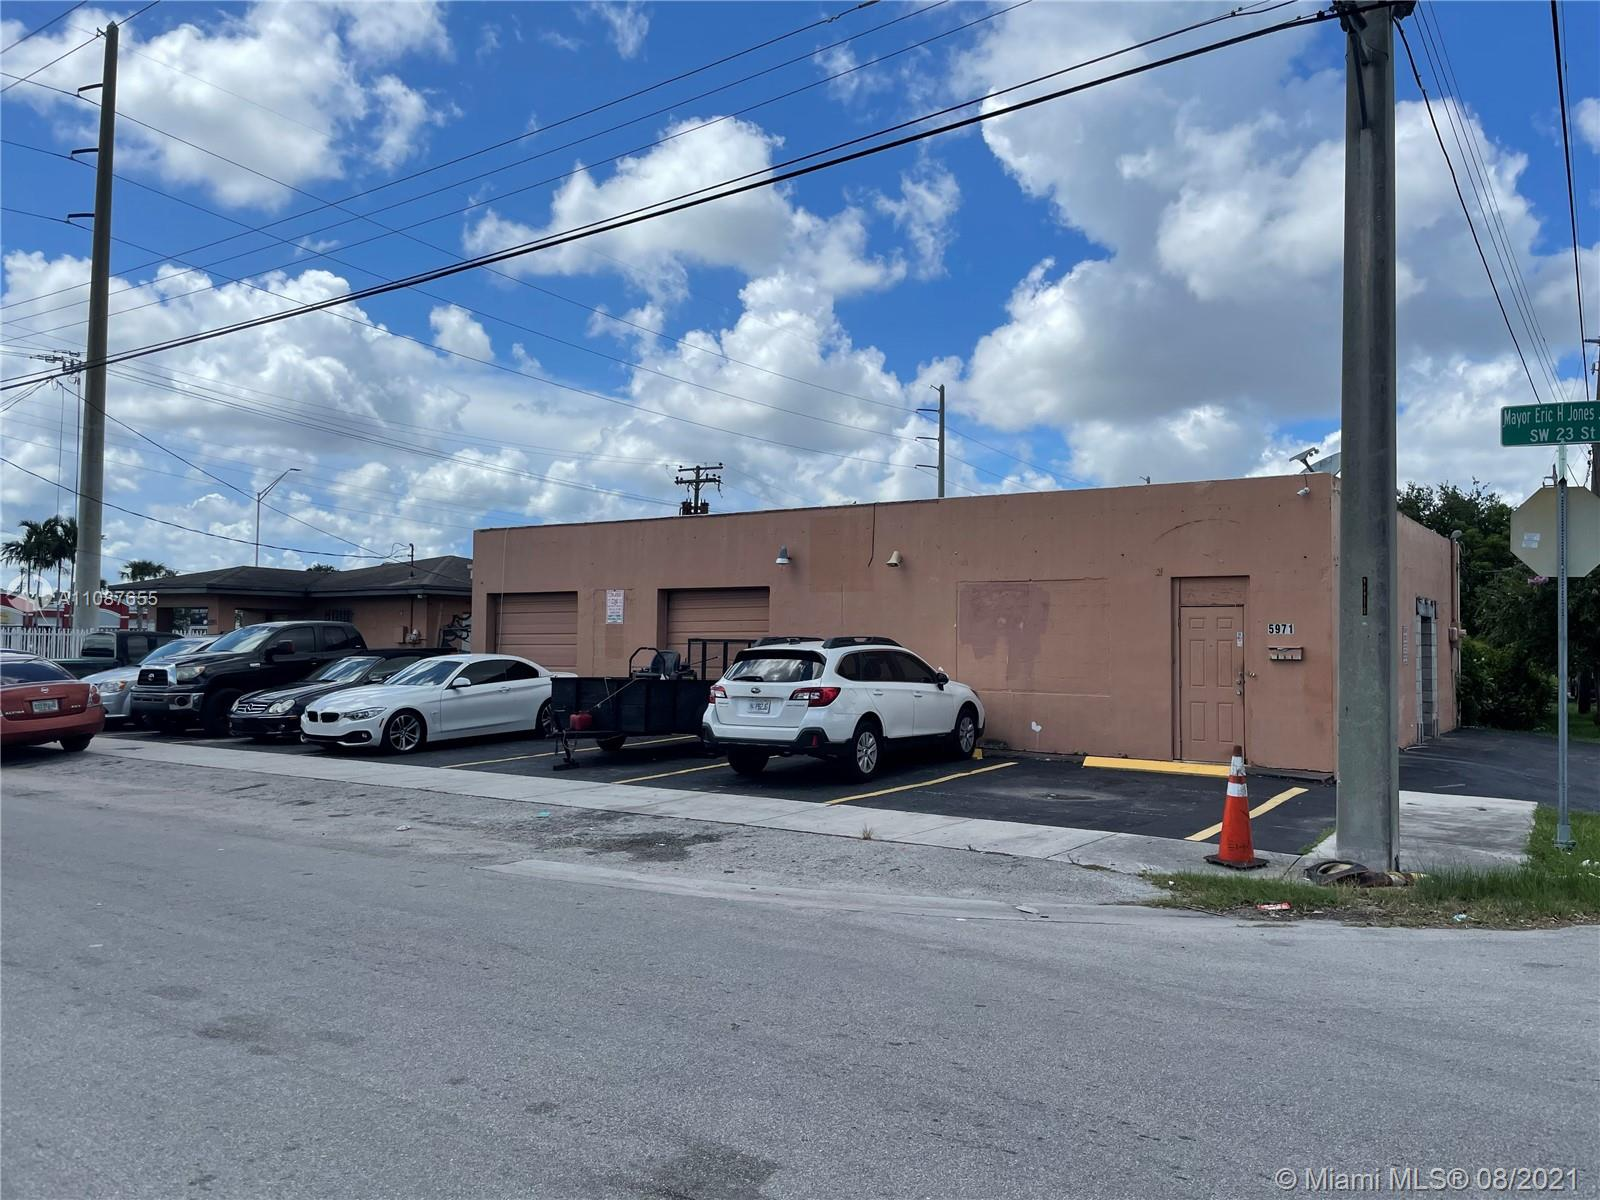 5991 SW 23rd St, West Park, FL 33023